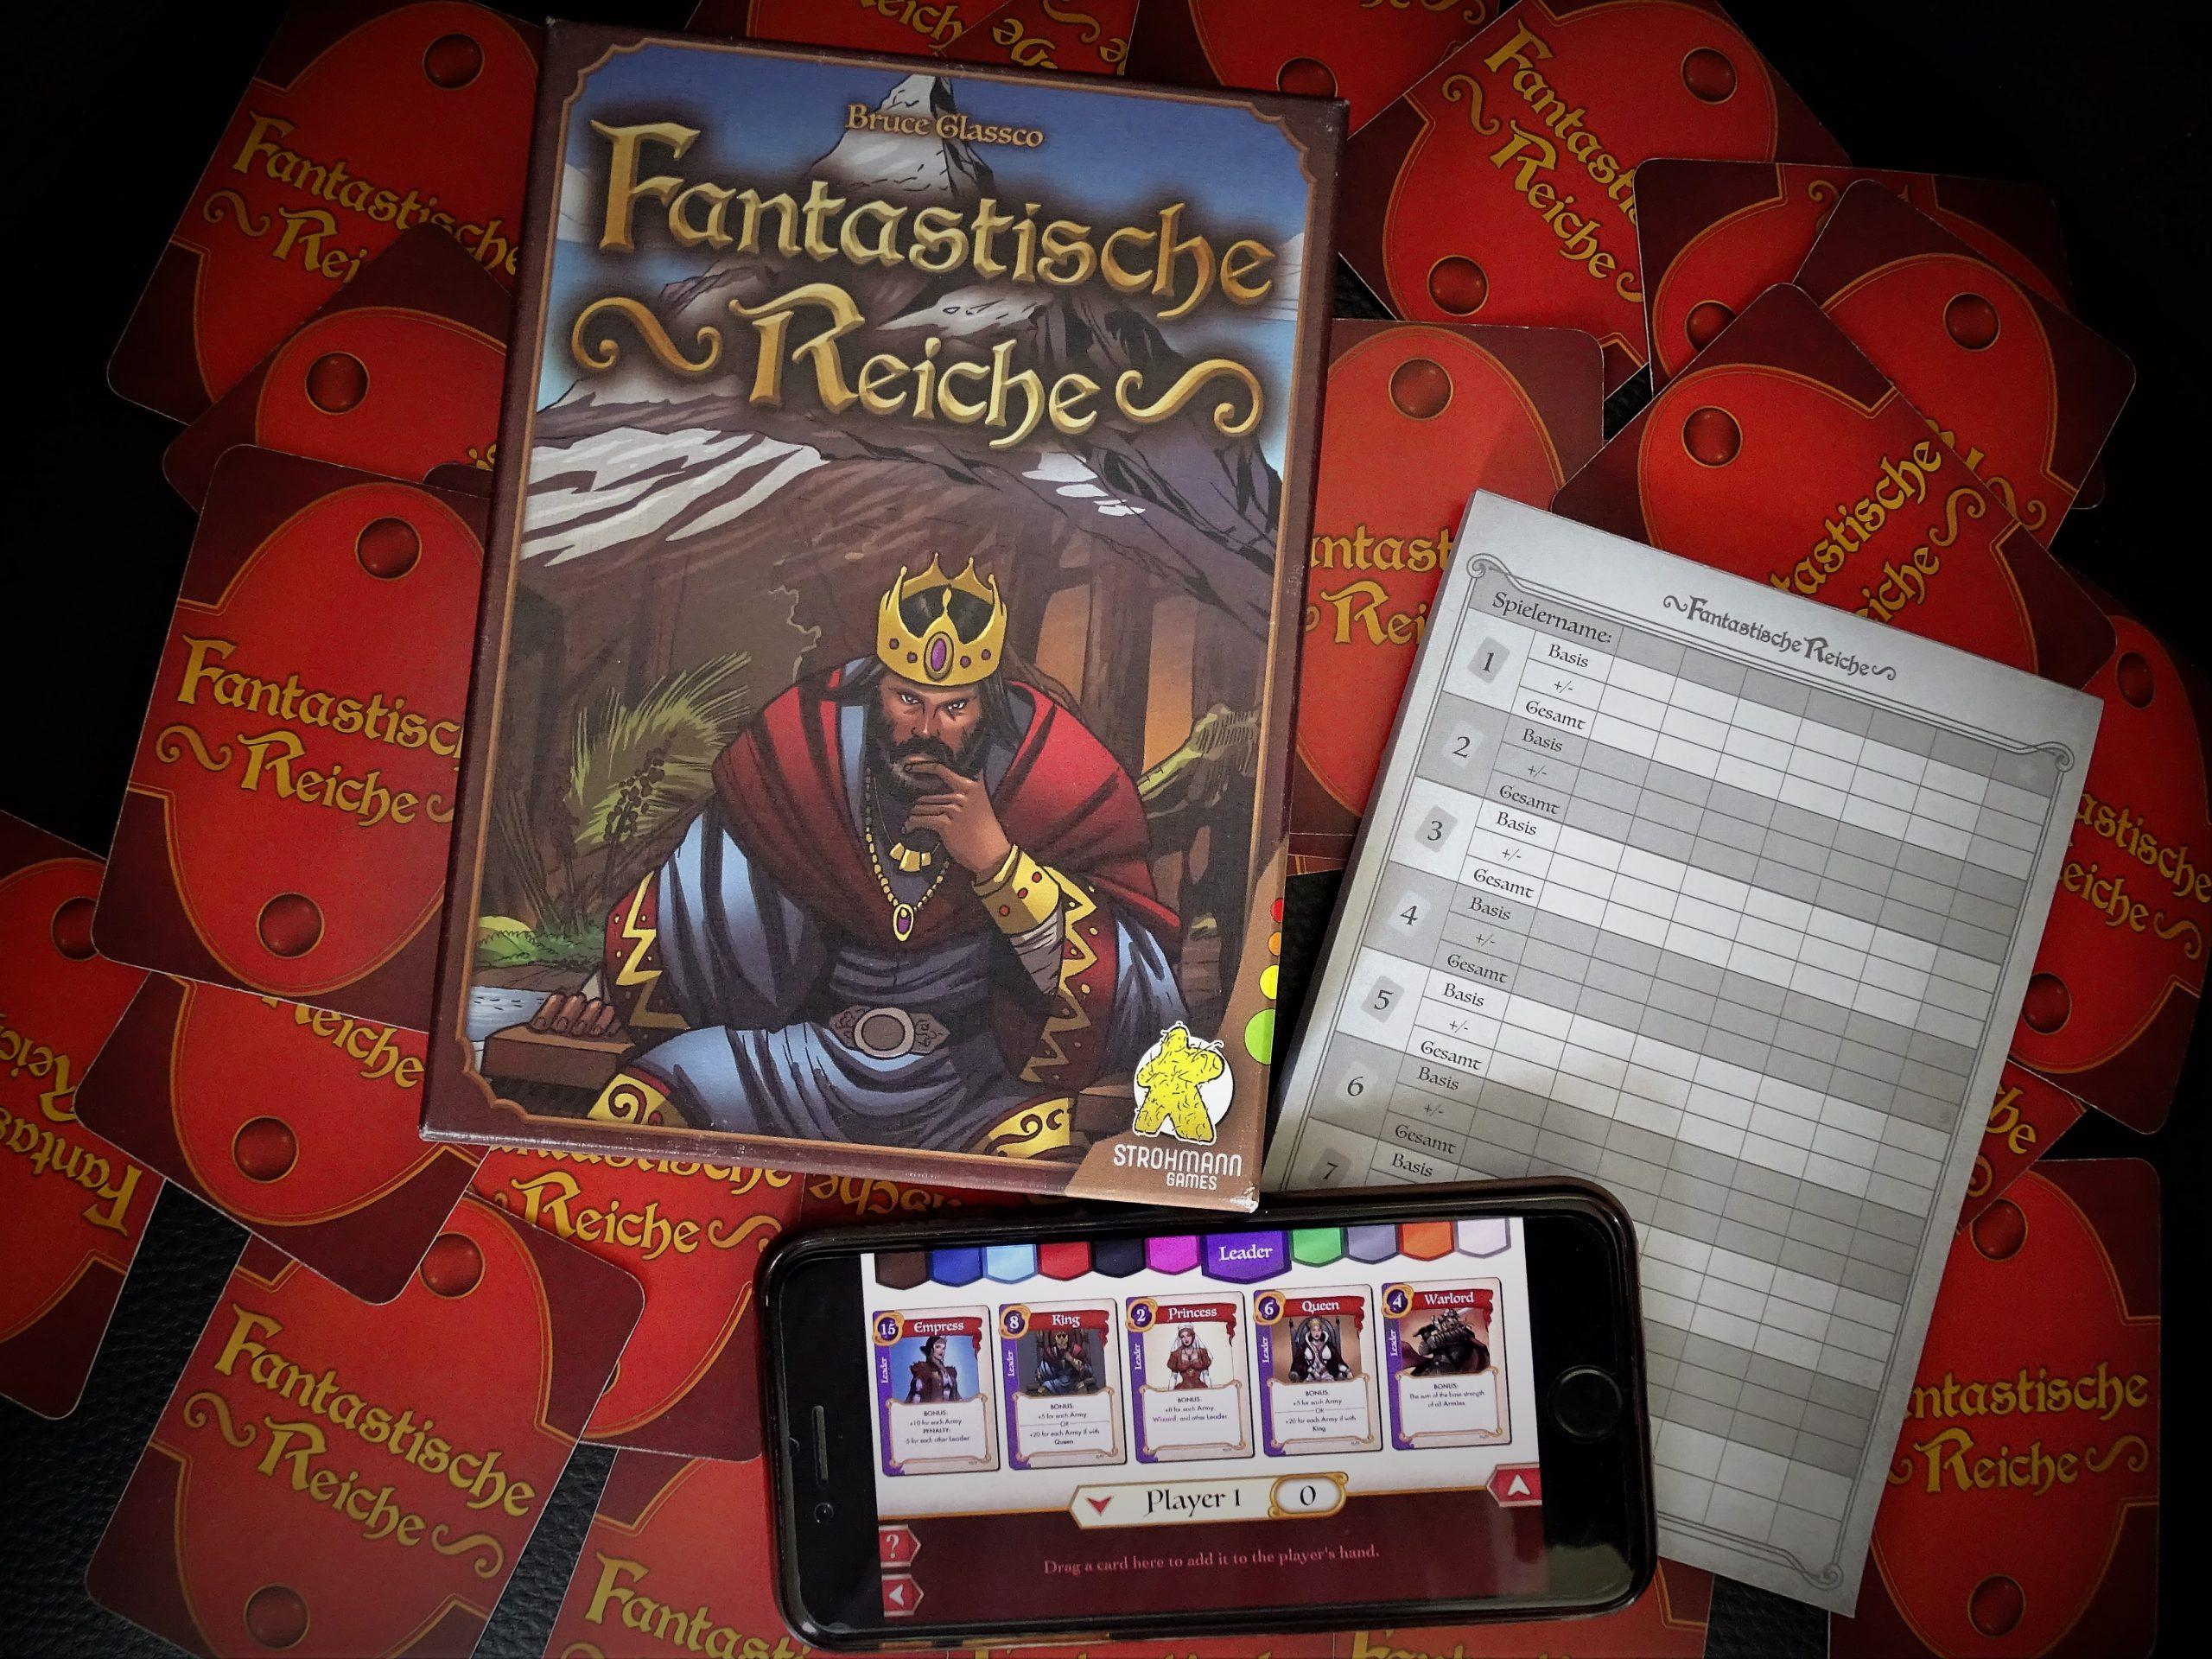 Die Schachtel des Spiels liegt auf den umgedrehten Karten, daneben ein analoger und ein digitaler Wertungsbogen